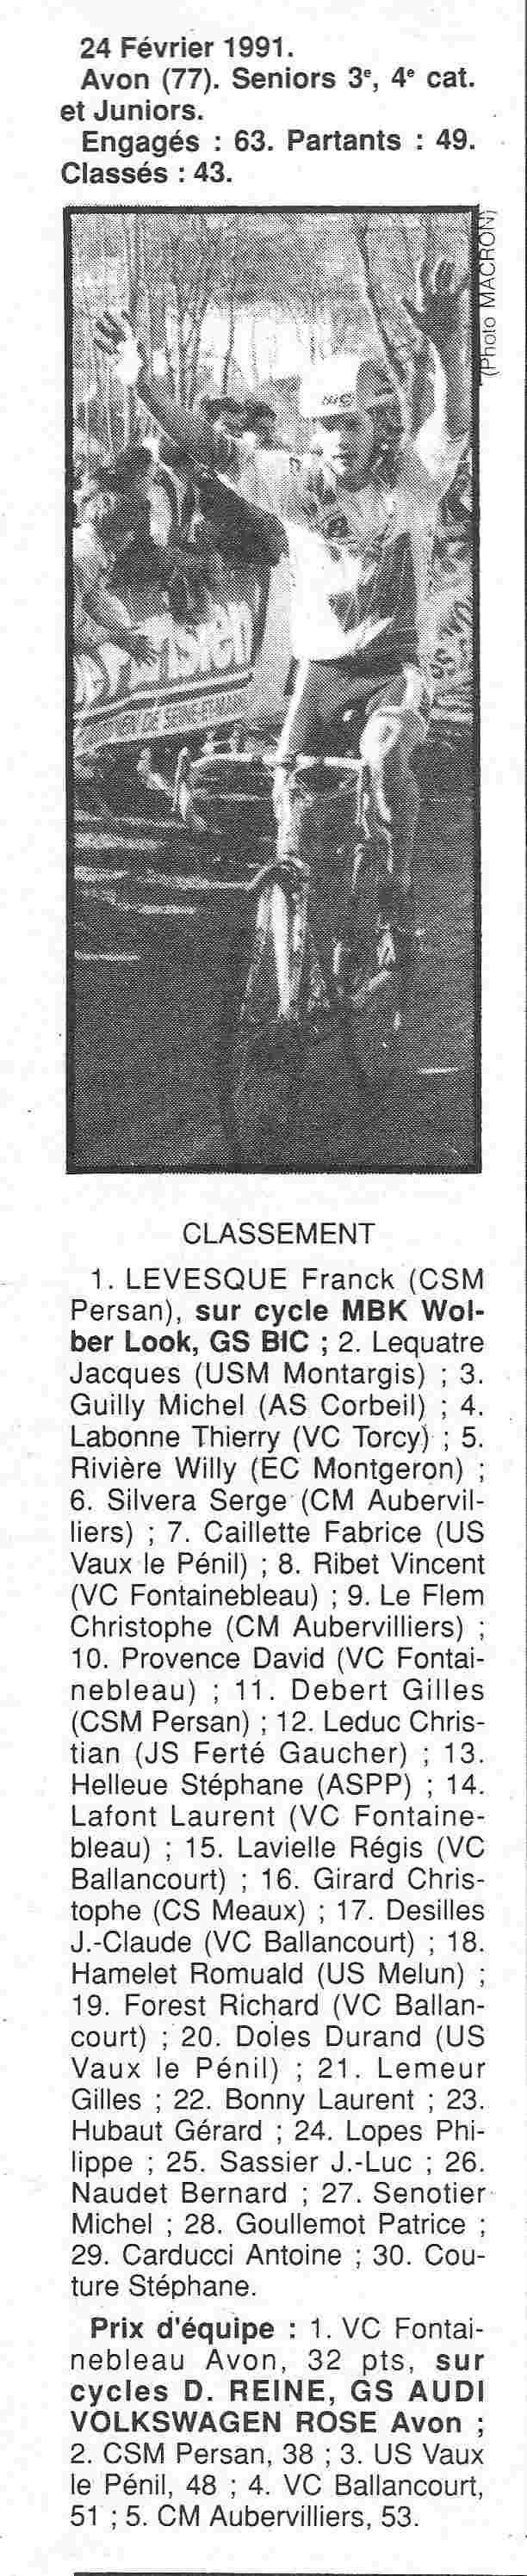 CSM.Persan. BIC. Toute une époque de janvier 1990 à novembre 2007 - Page 6 1991_069